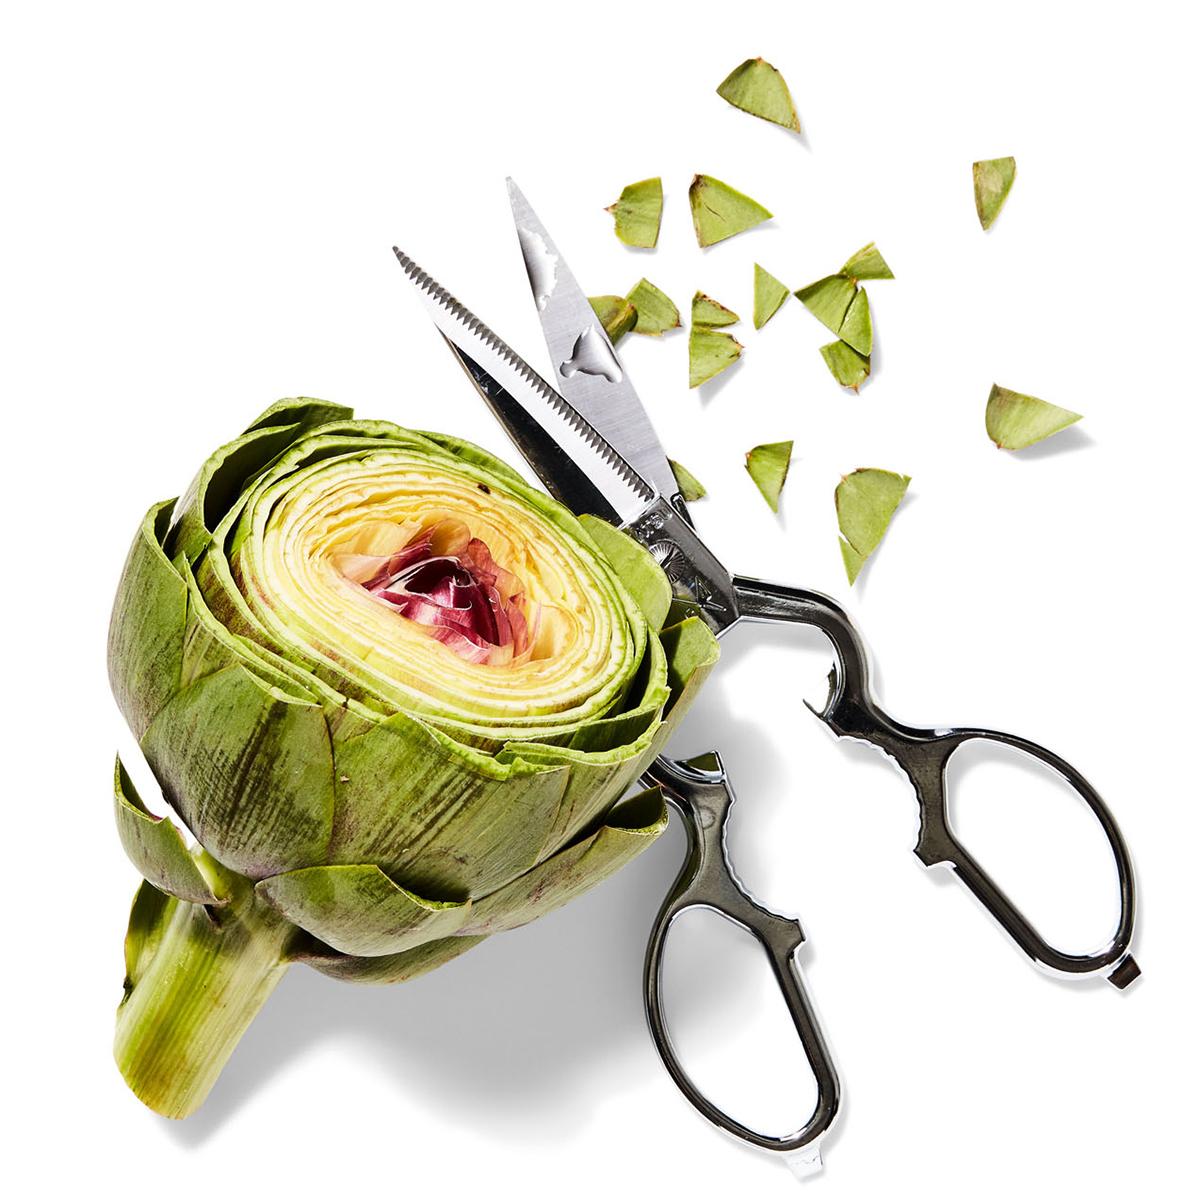 artichoke and scissors